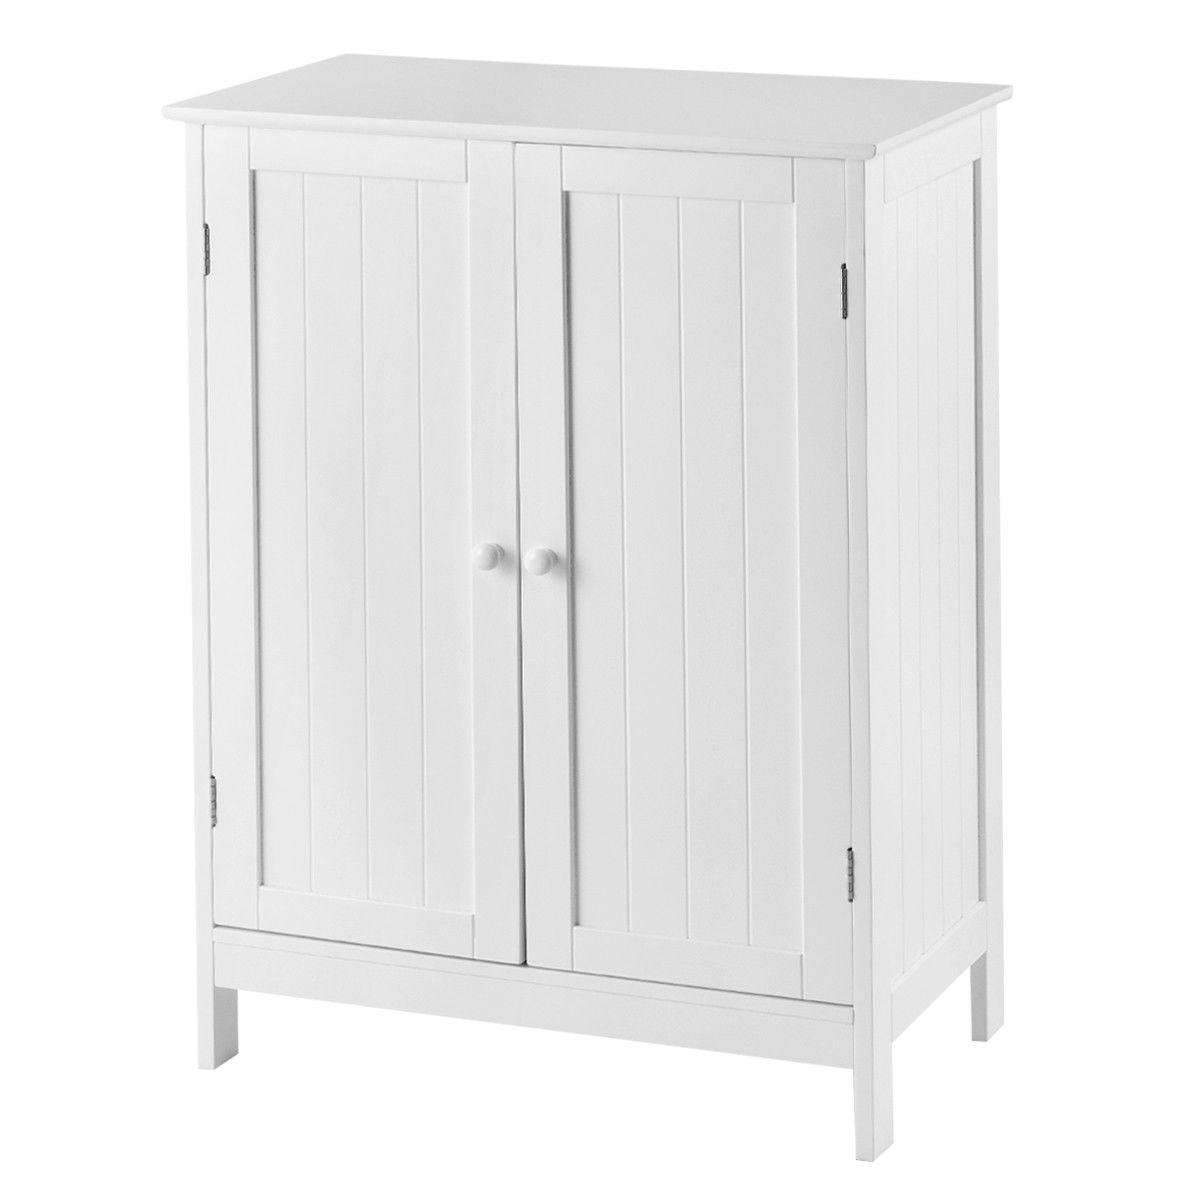 Bathroom Floor Storage Double Door Cupboard Cabinet